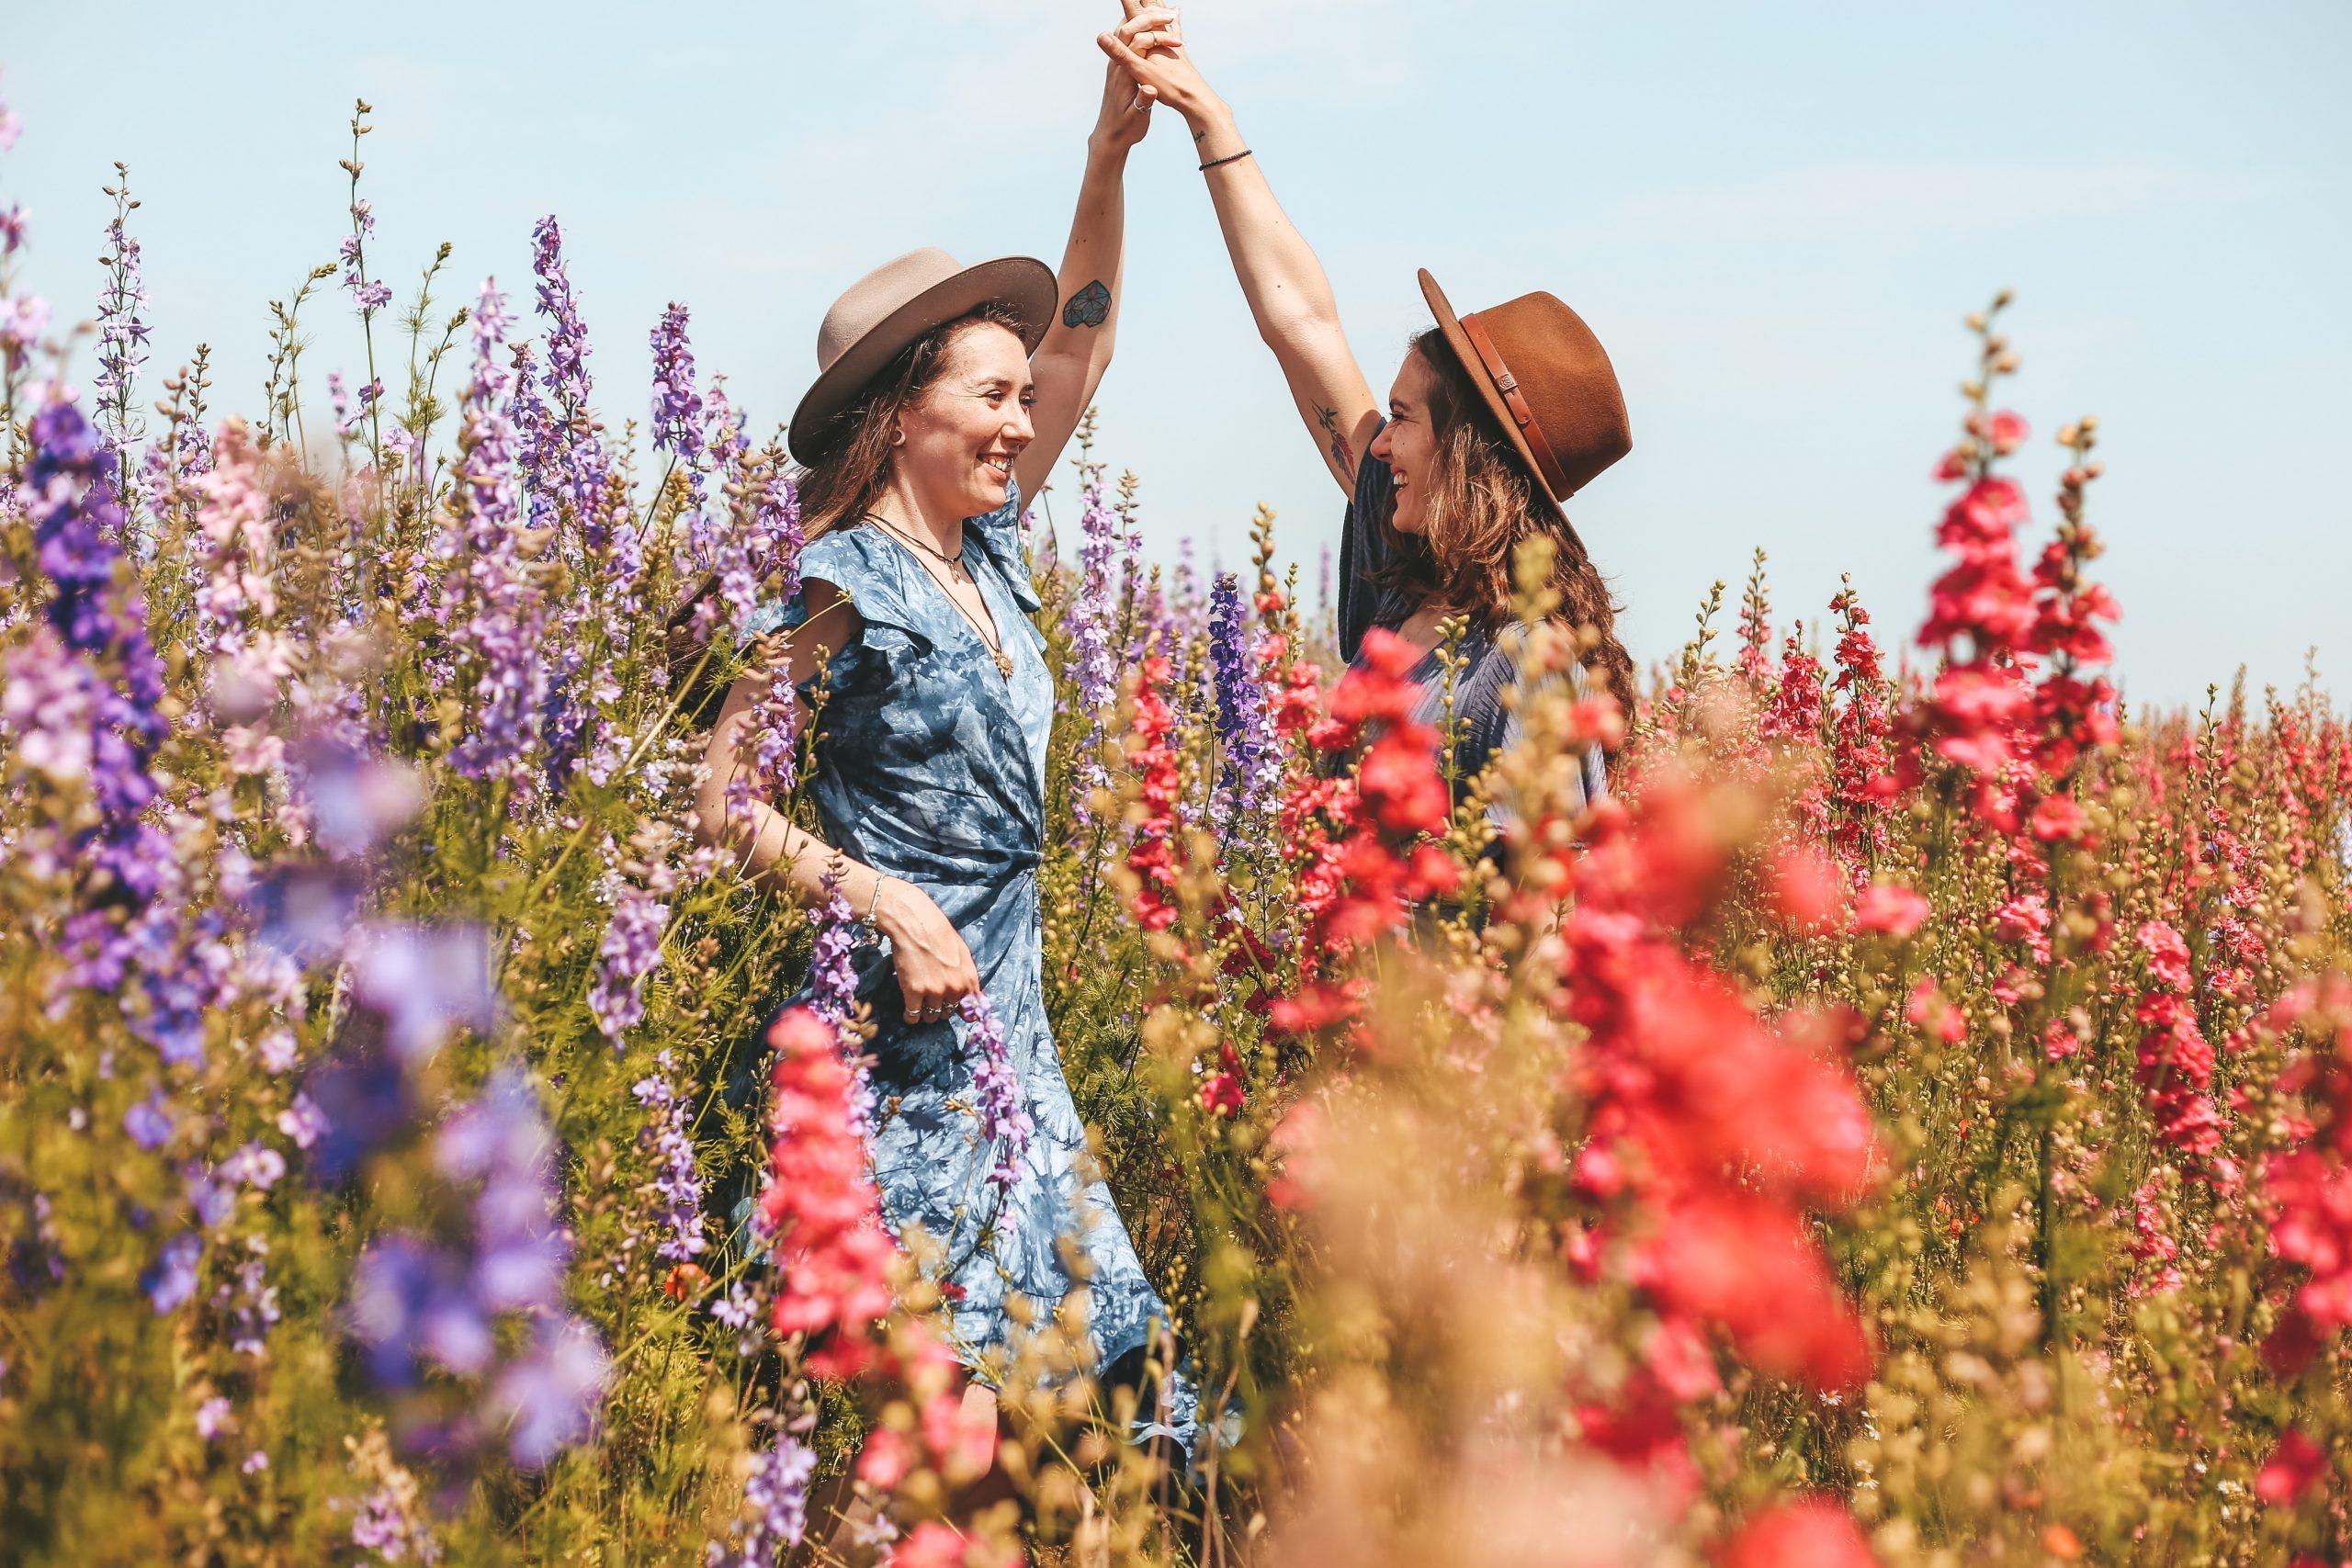 Frauen tanzen zwischen Blumen